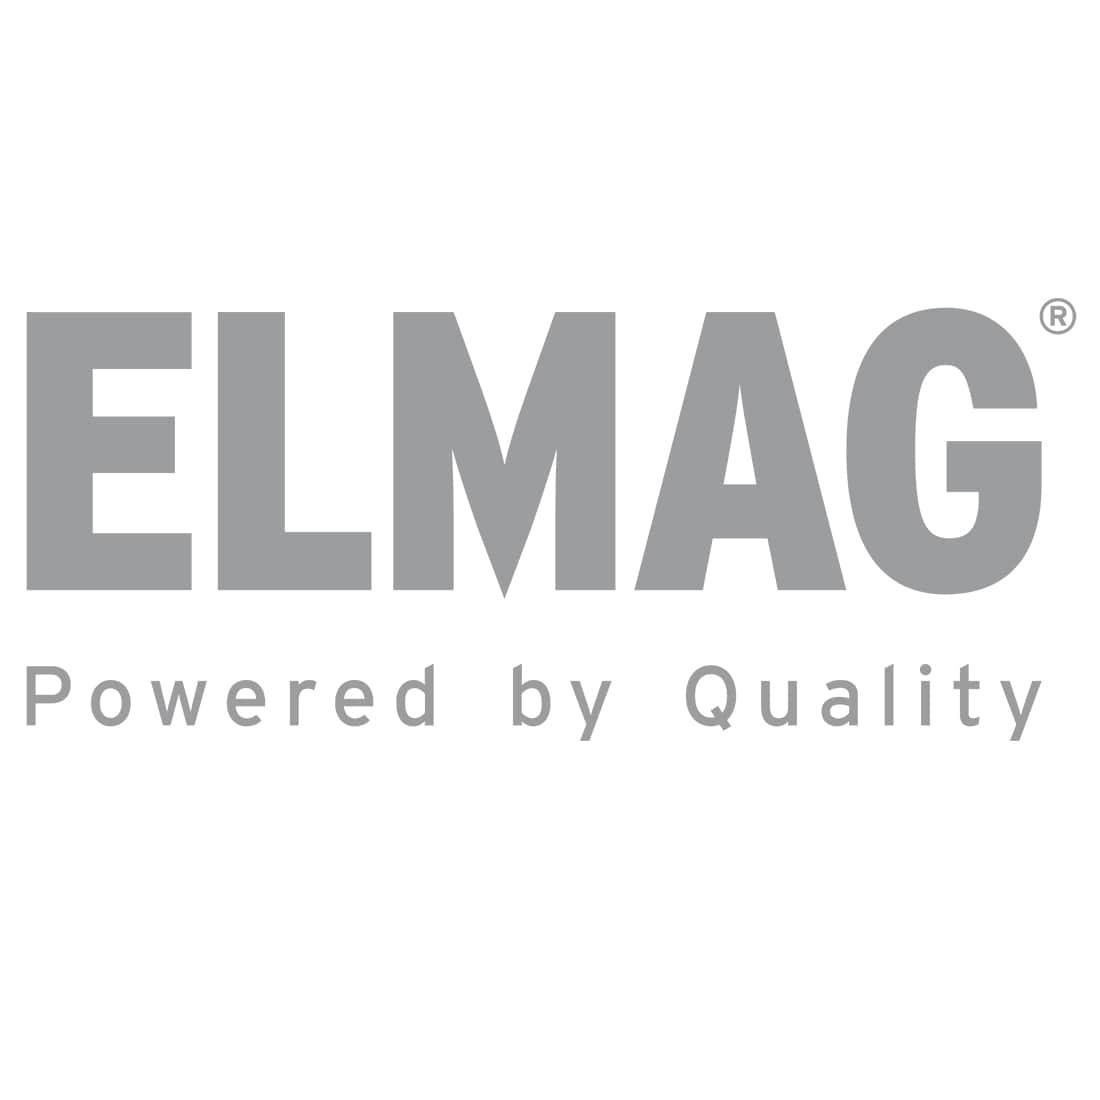 INDUSTRIE Schlauchaufroller Edelstahl '432/22' für Druckluft u. Heißwasser 100°C,  15 m, 1/2', 100bar